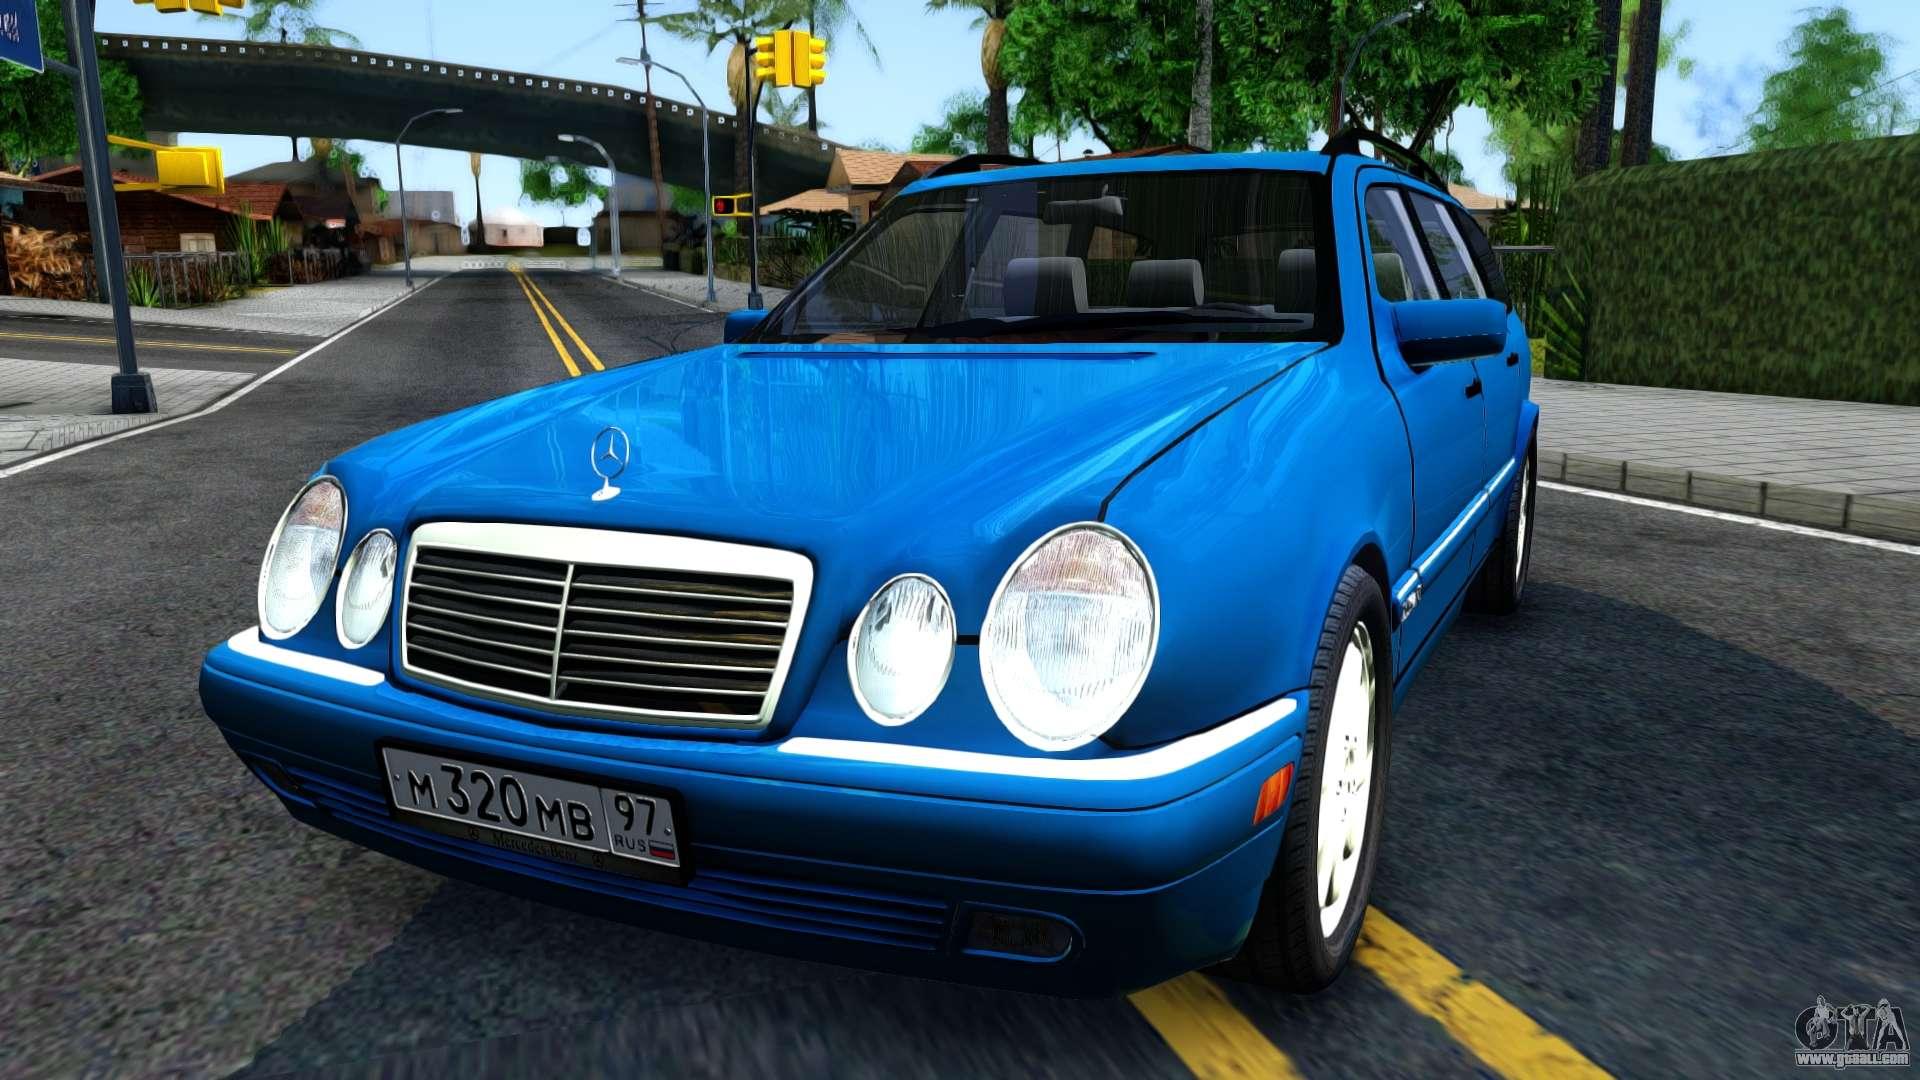 Mercedes benz w210 e320 1997 for gta san andreas for 1997 mercedes benz e320